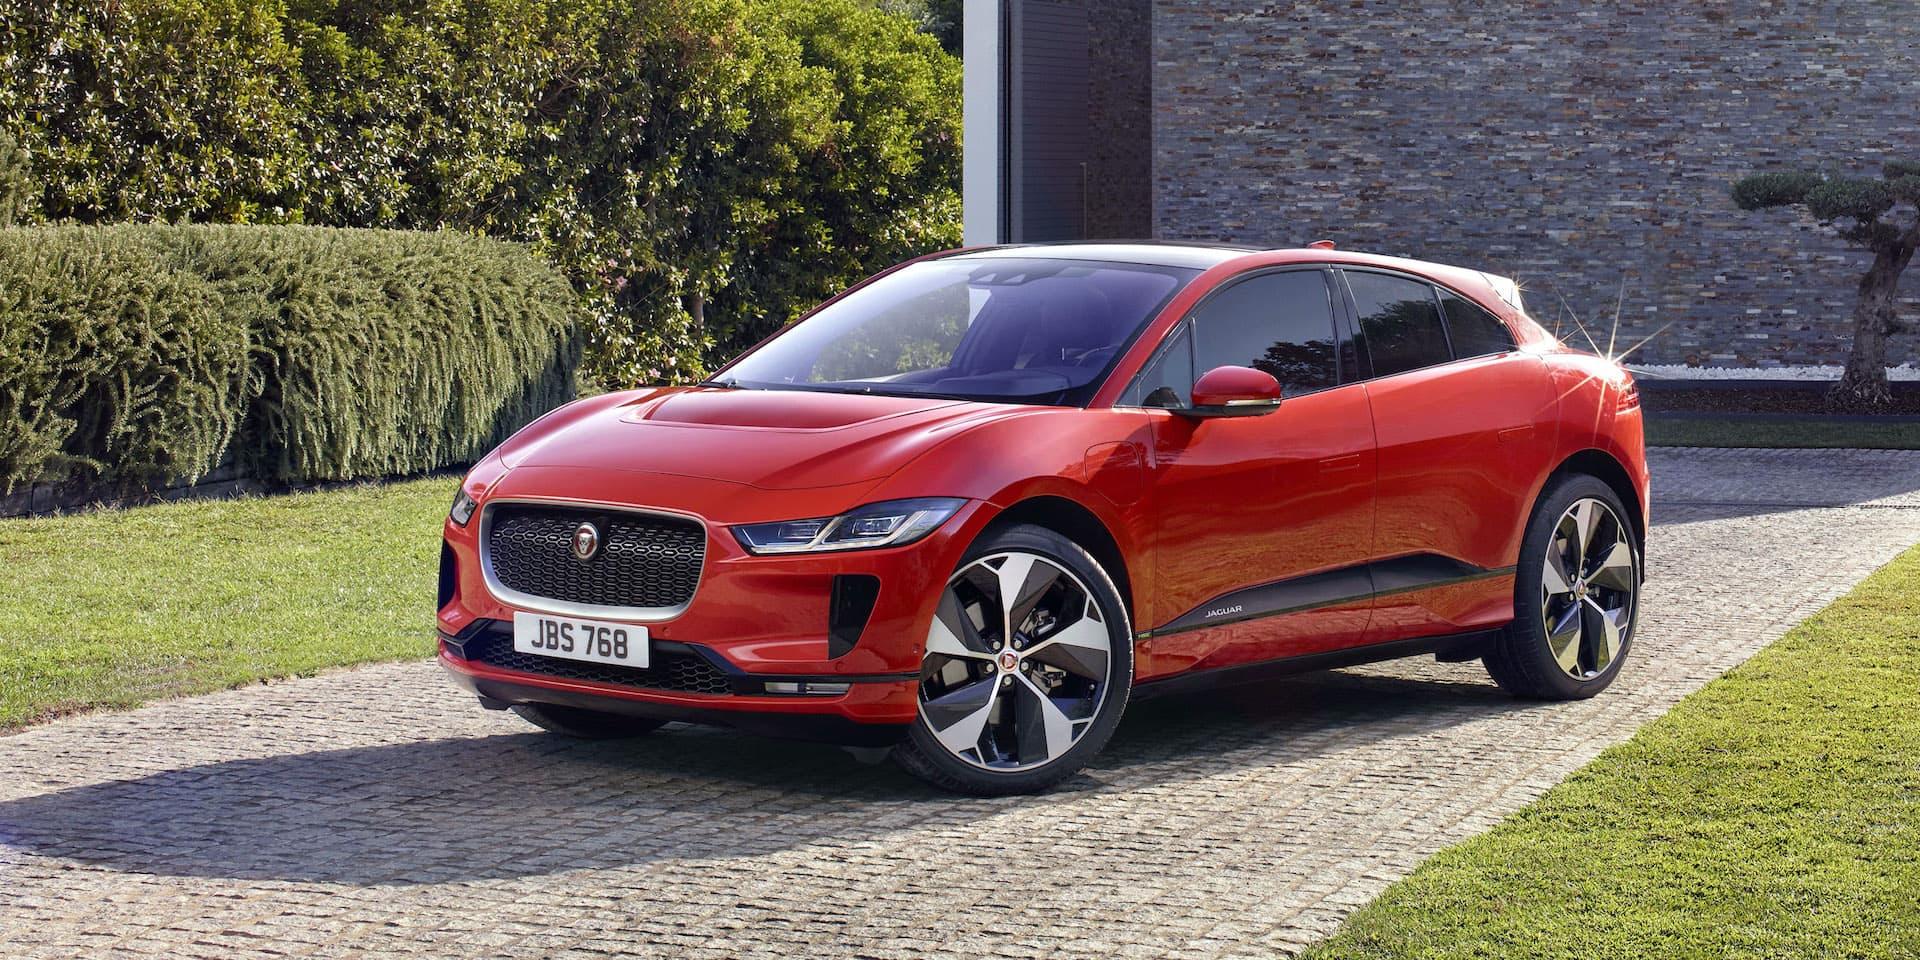 Jaguar I-Pace (2018 onwards) Expert Rating